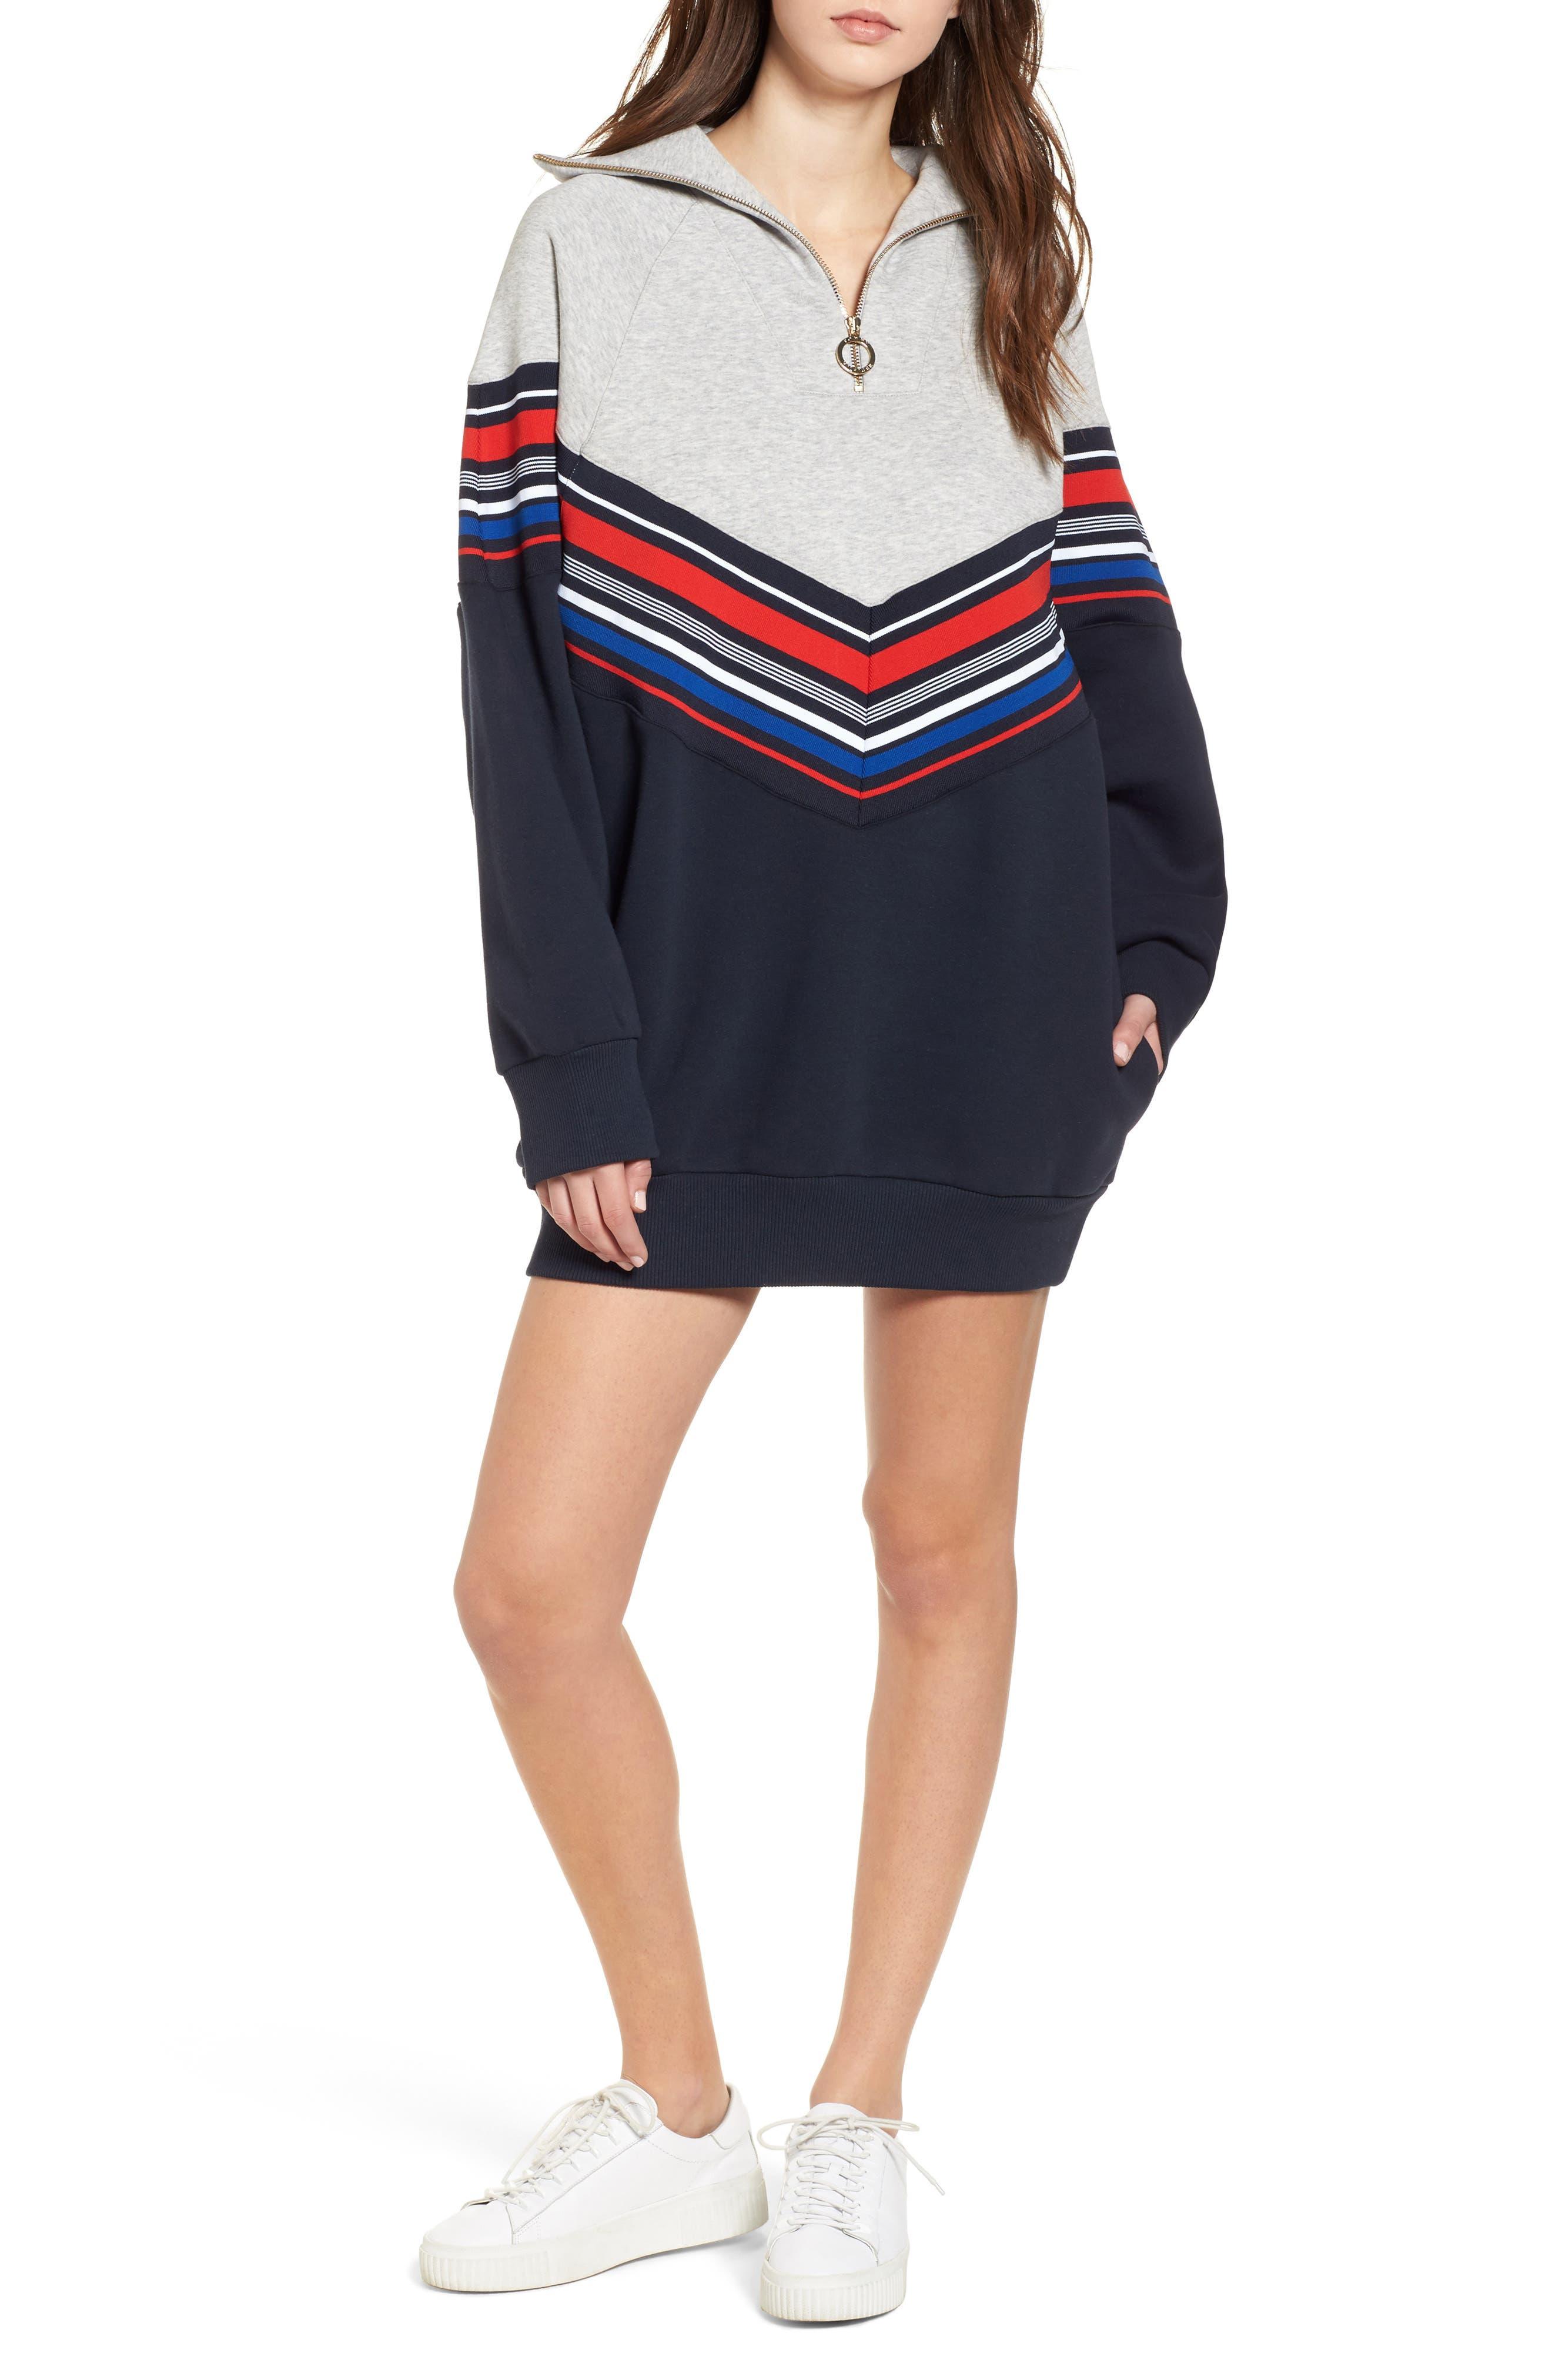 x Gigi Hadid Racing Sweatshirt Dress,                         Main,                         color, 405